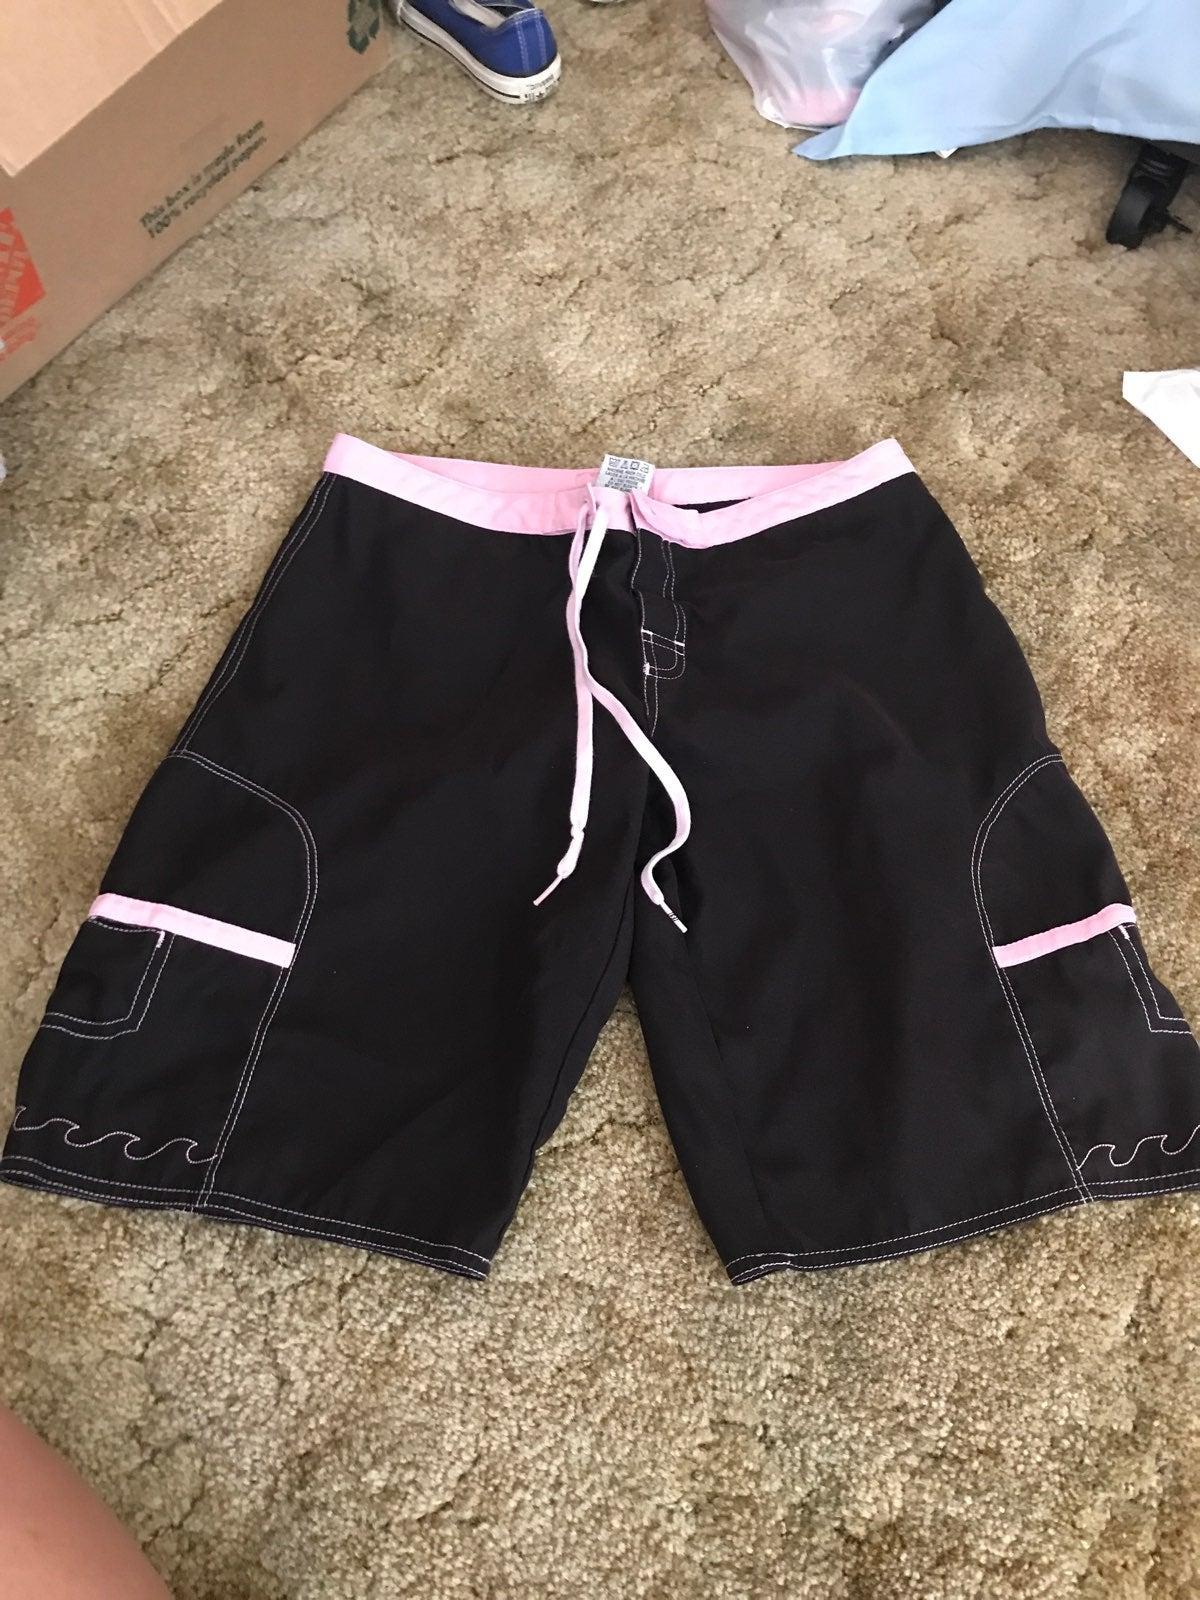 Billabong Board Shorts Size 3